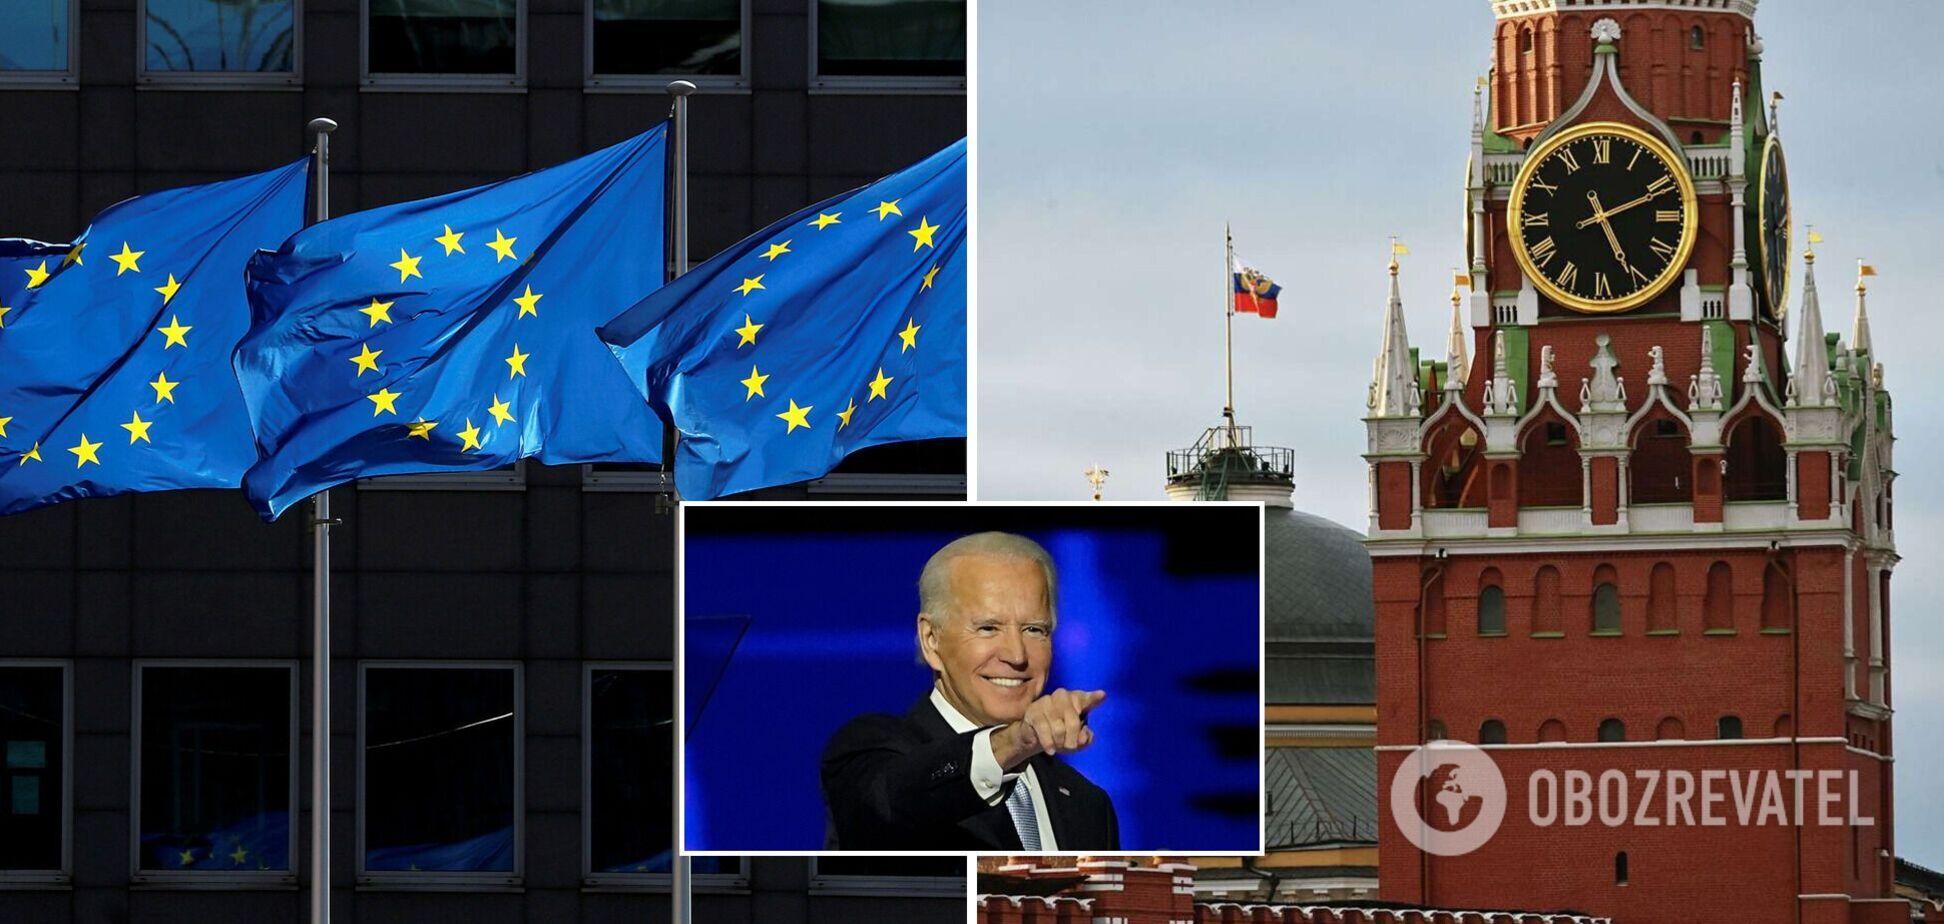 ЕС выступил с предложениями к США по России